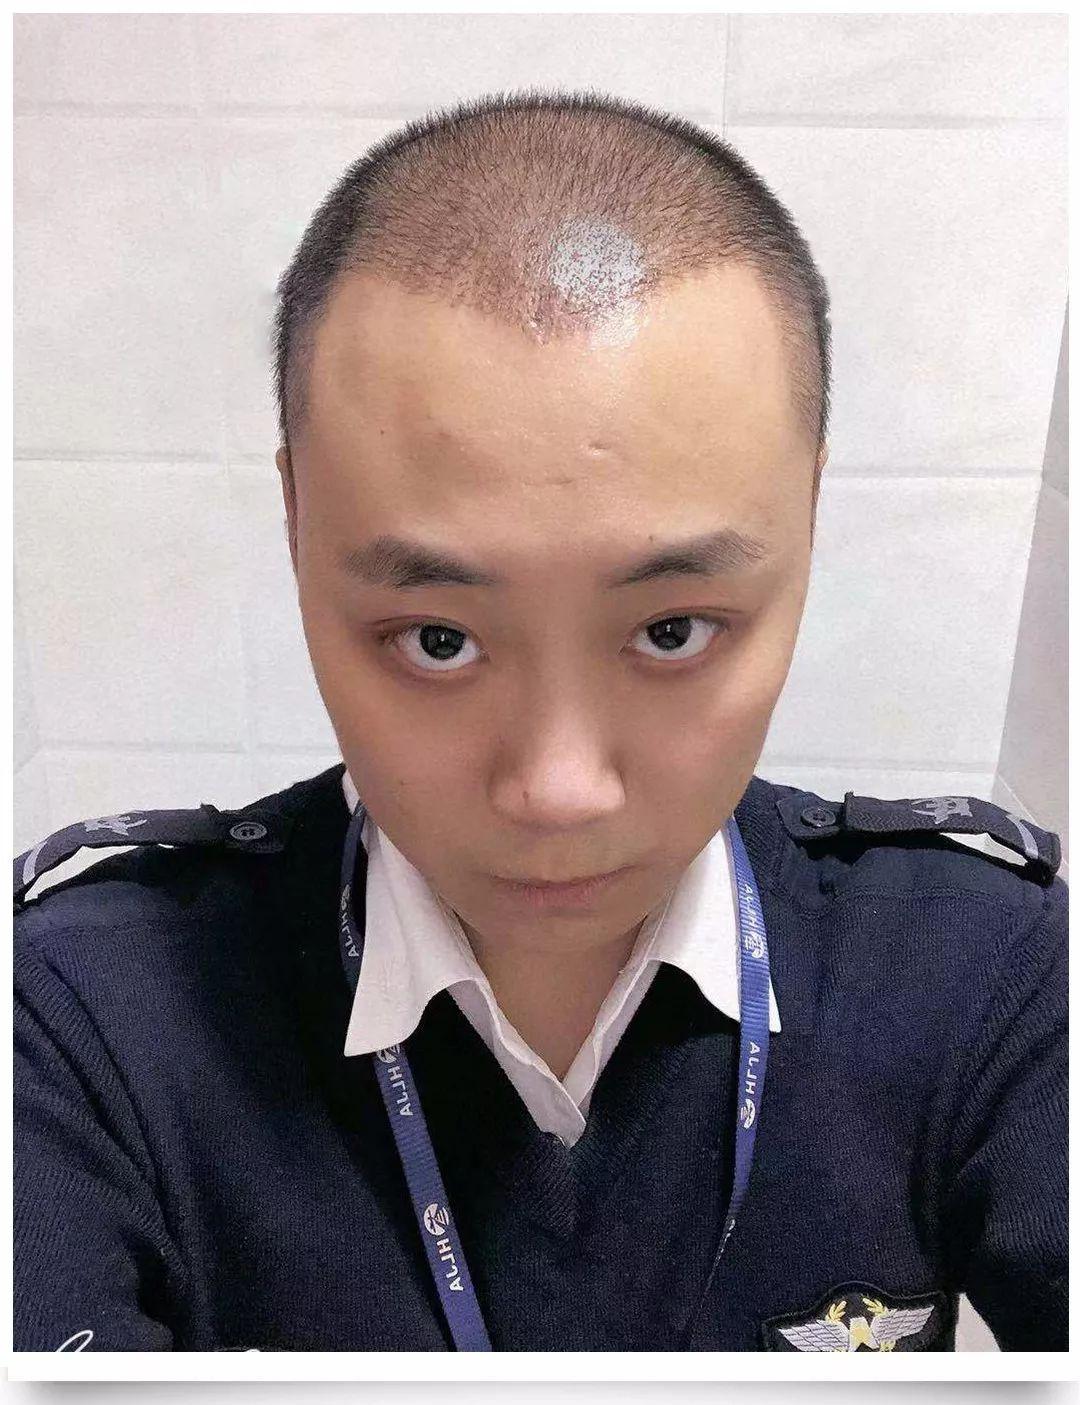 年纪轻轻就脱发 秃顶,原因究竟有哪些 80后男子大胆尝试植发,结果 大跌眼镜